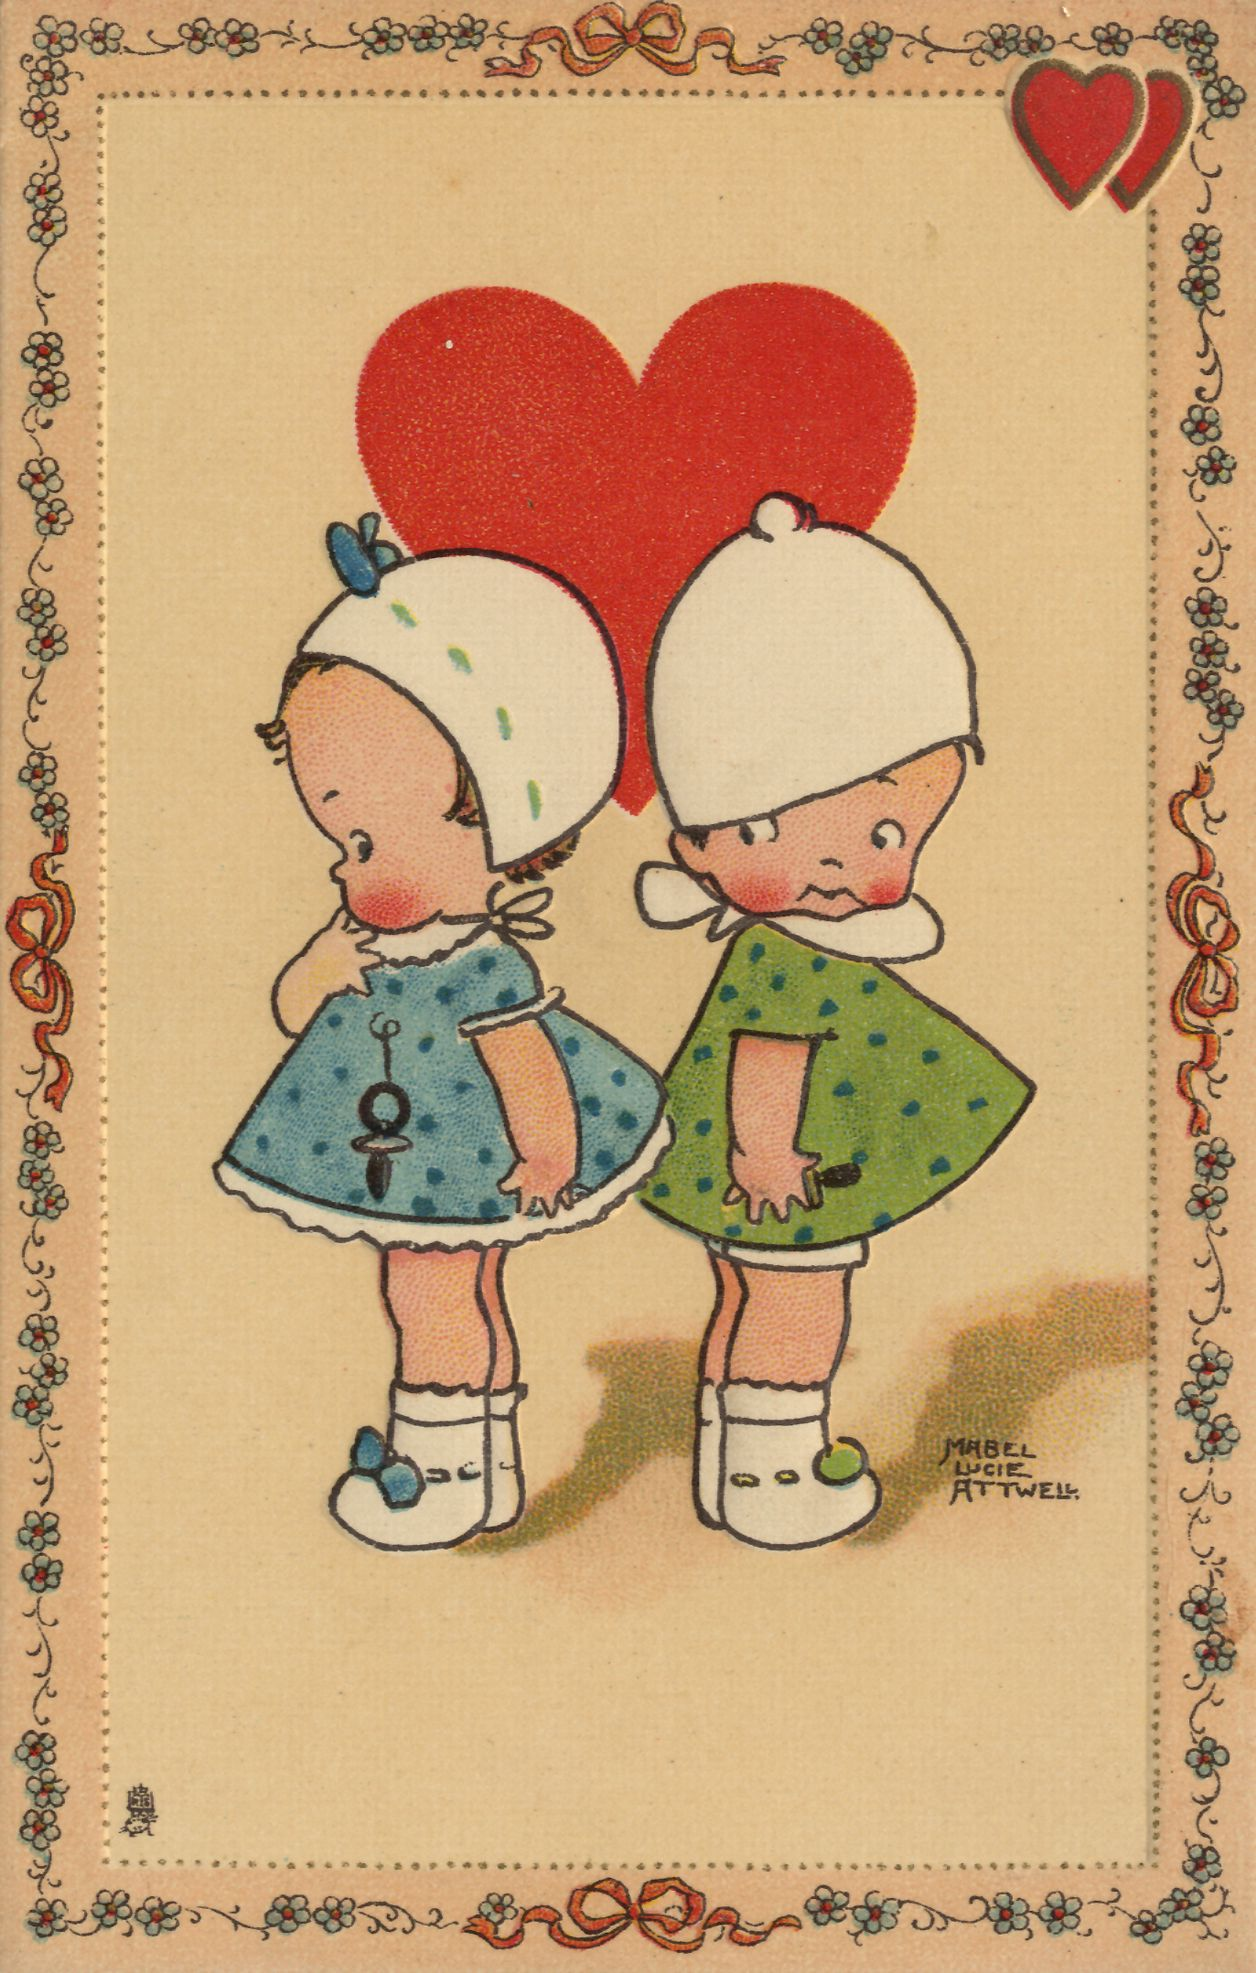 прикольные открытки с днем рождения близнецам бесплатно широкоформатные